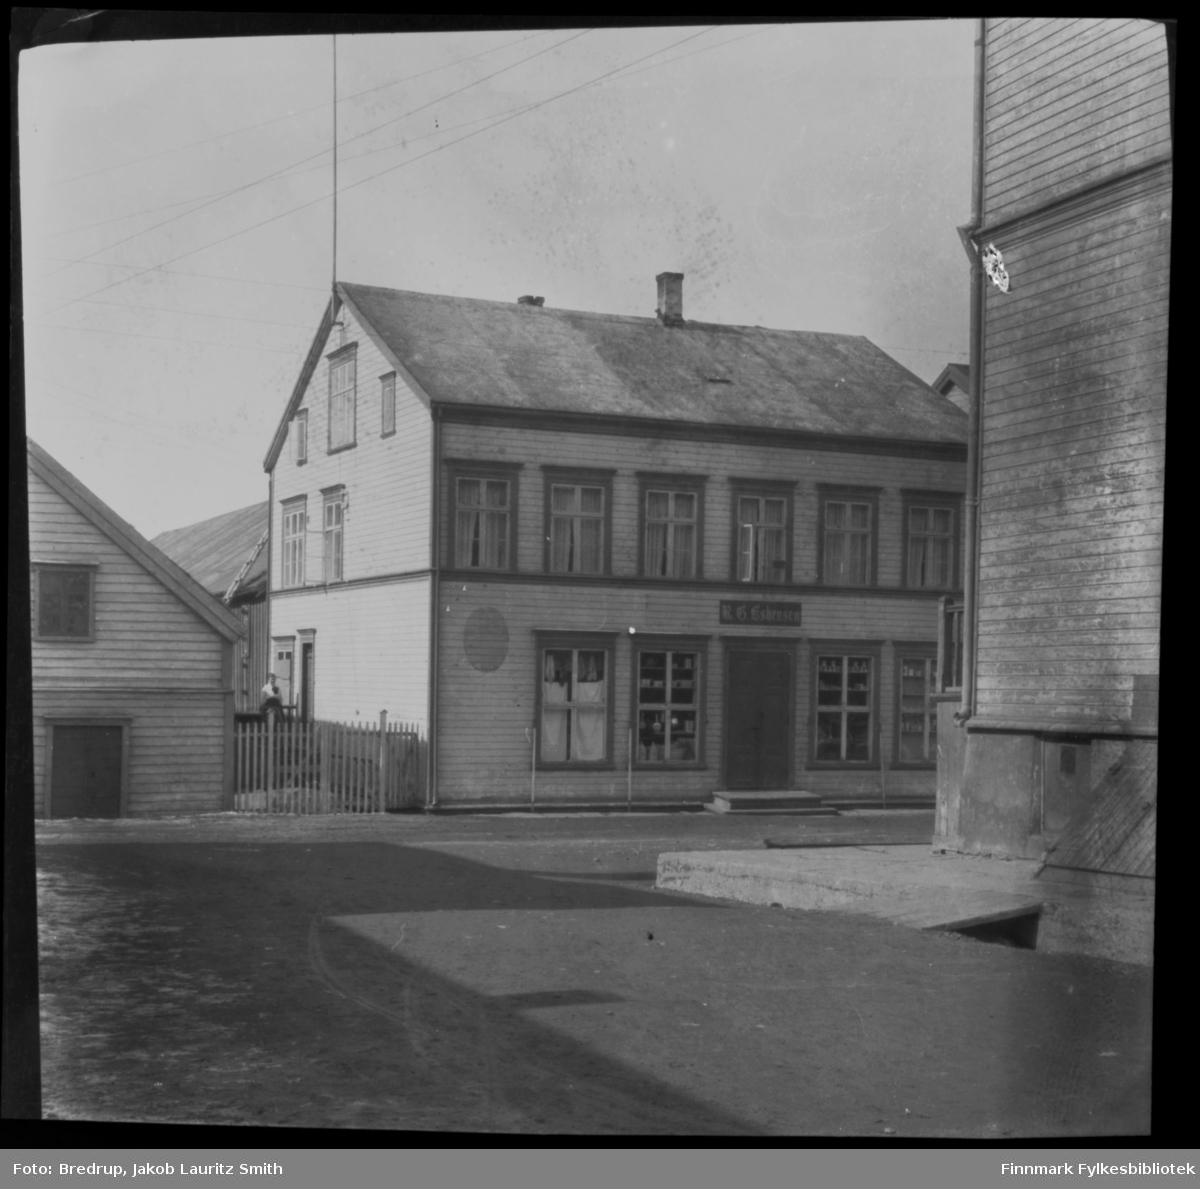 Butikk med skilt 'R. G. Esbensen' i Vadsø sentrum.  Utenfor bygningen står en kvinne. Vi ser gata og andre bygninger.